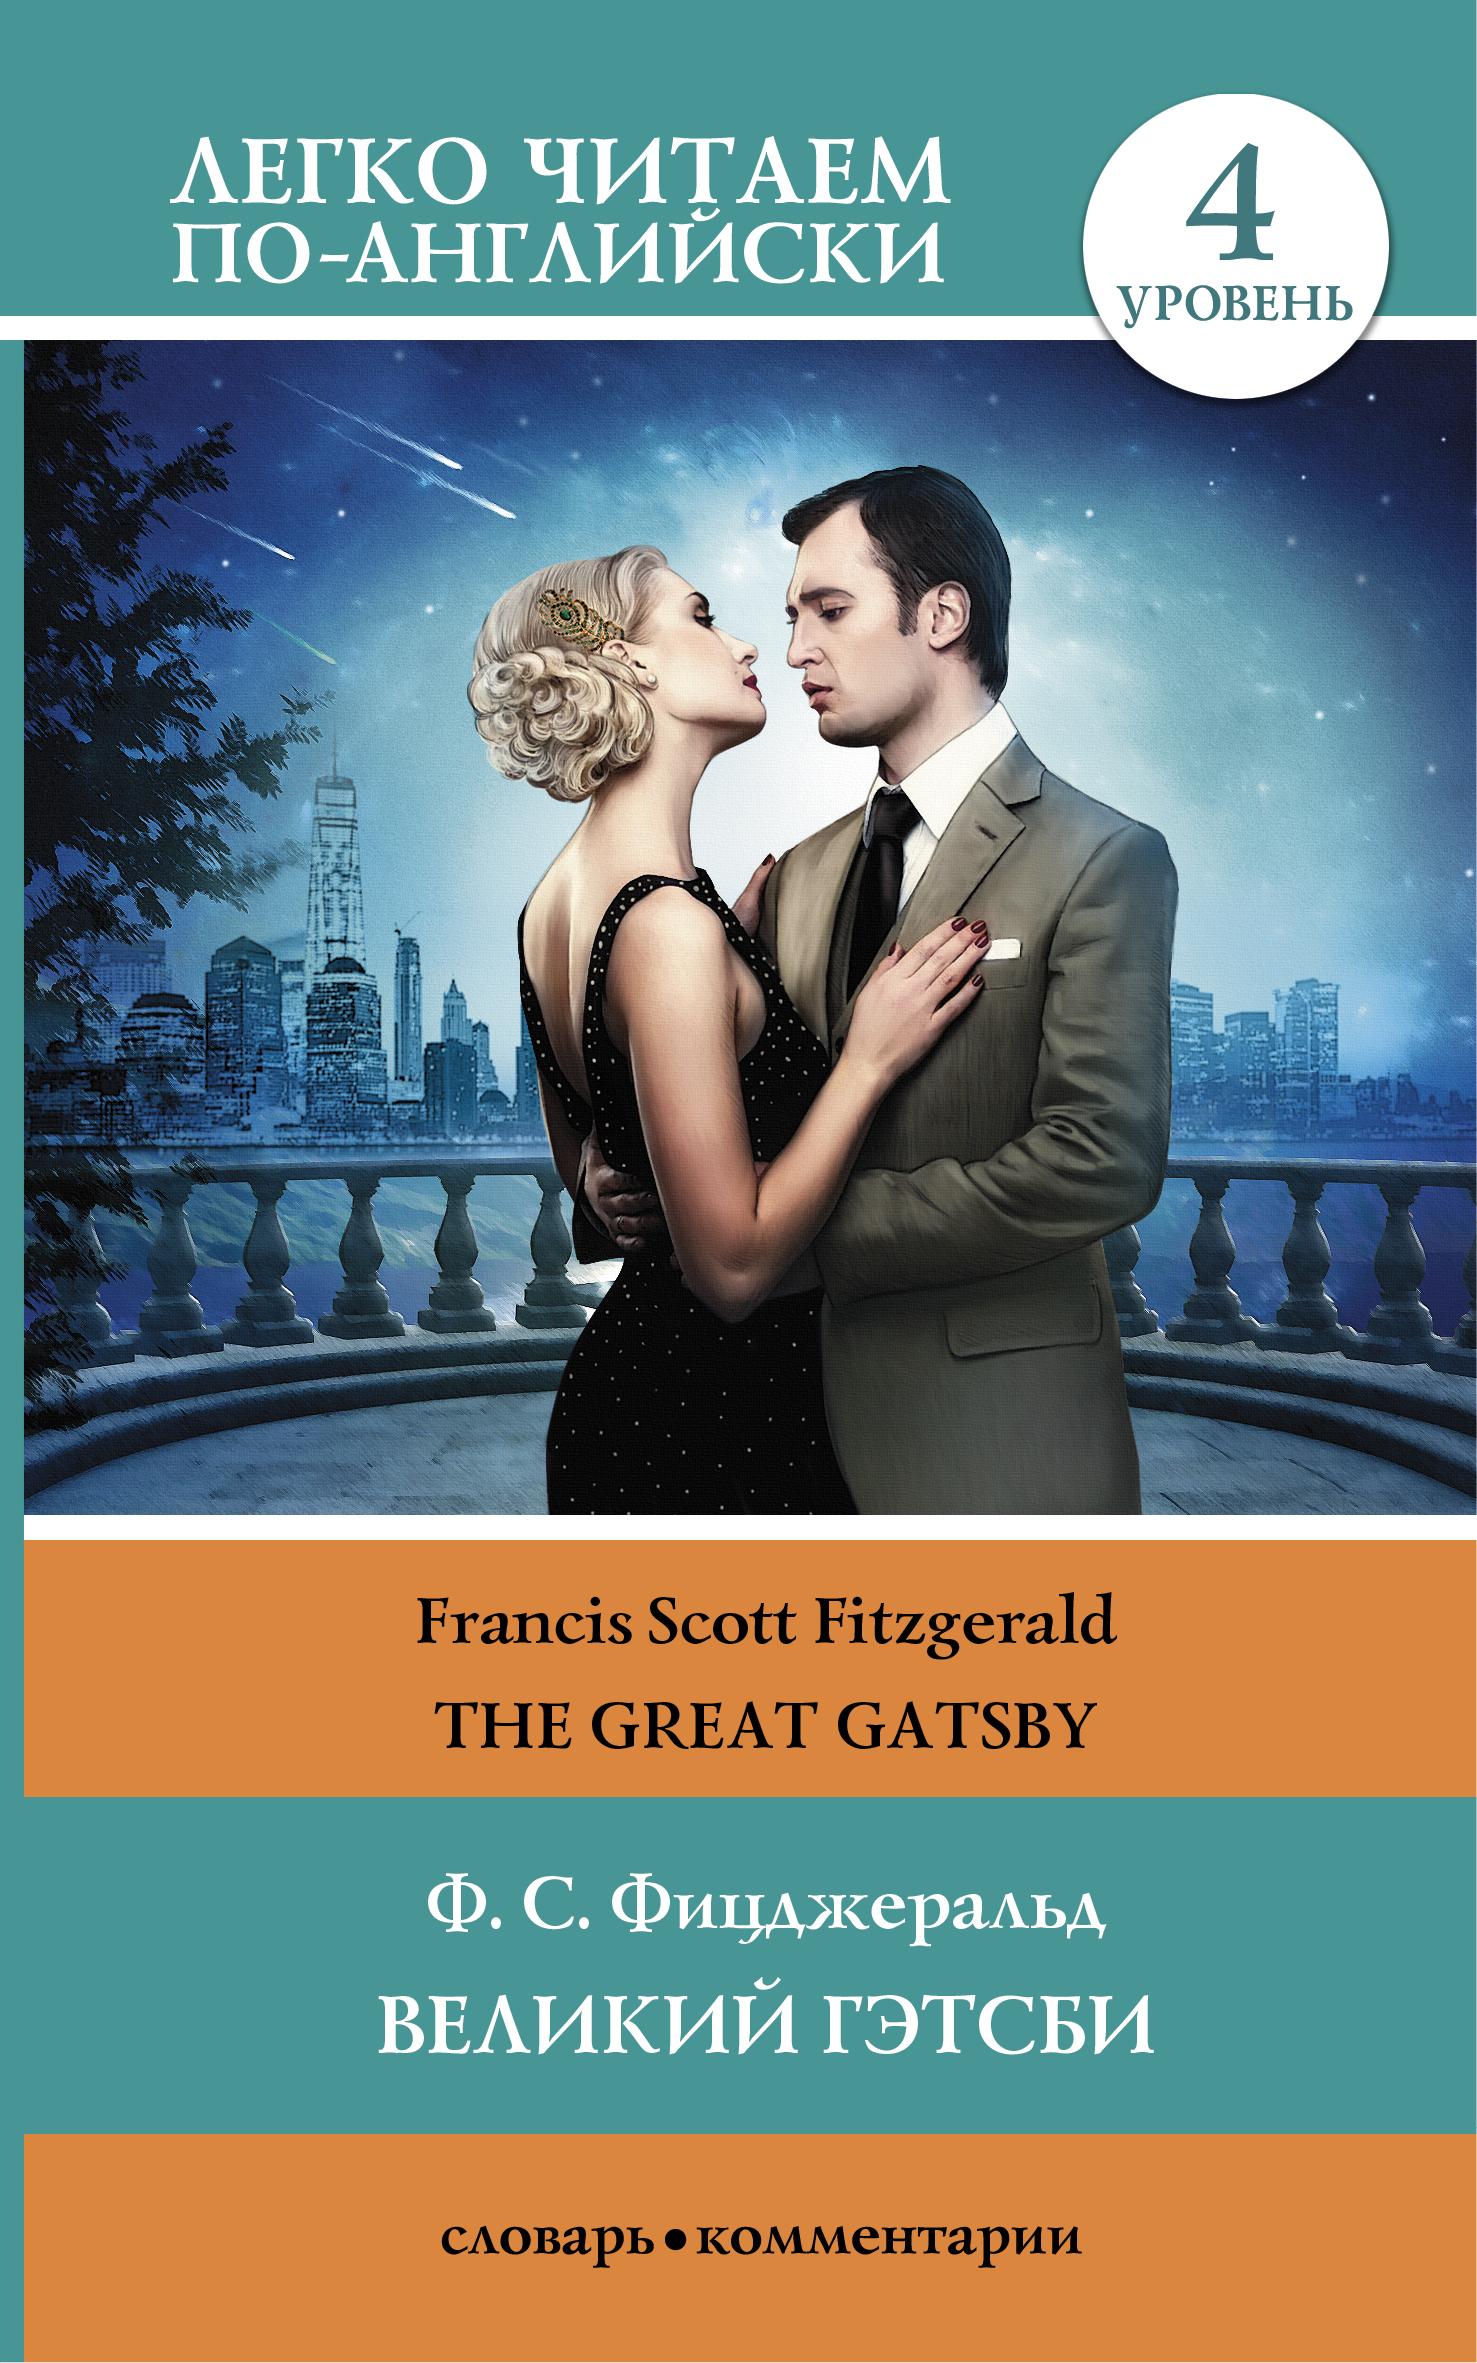 Фрэнсис фицджеральд великий гэтсби скачать книгу